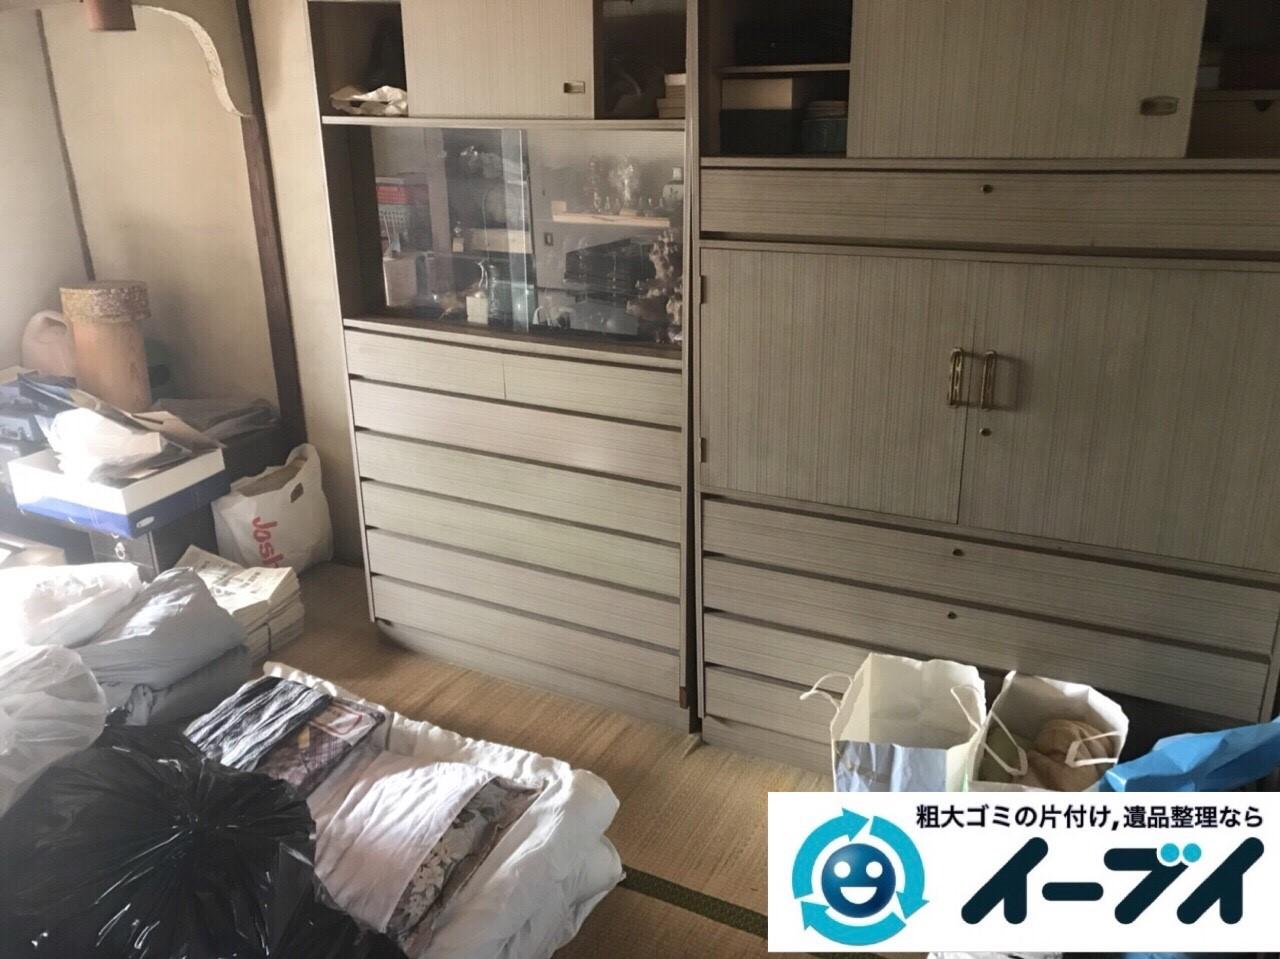 2018年2月25日大阪府大阪市此花区で絨毯や大型家具などを不用品回収しました。写真2